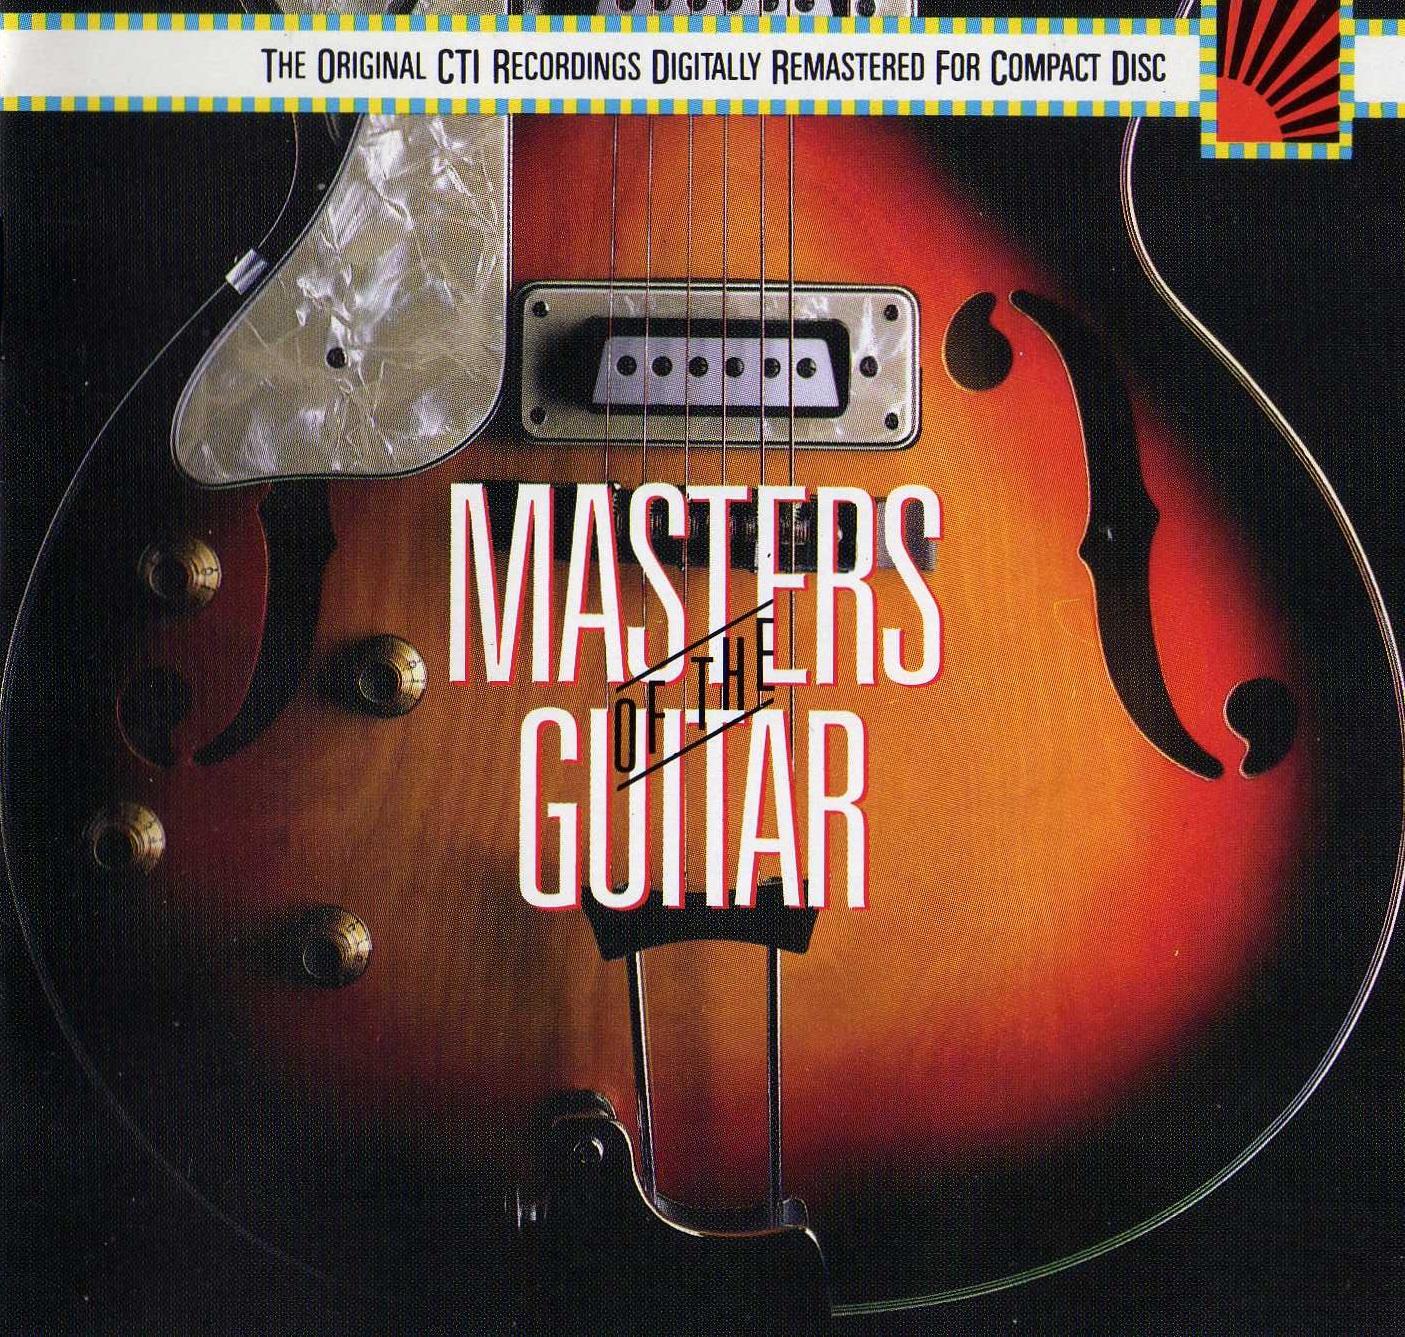 Jazz Rock Fusion Guitar: Various Artists - 1988 CTI ...